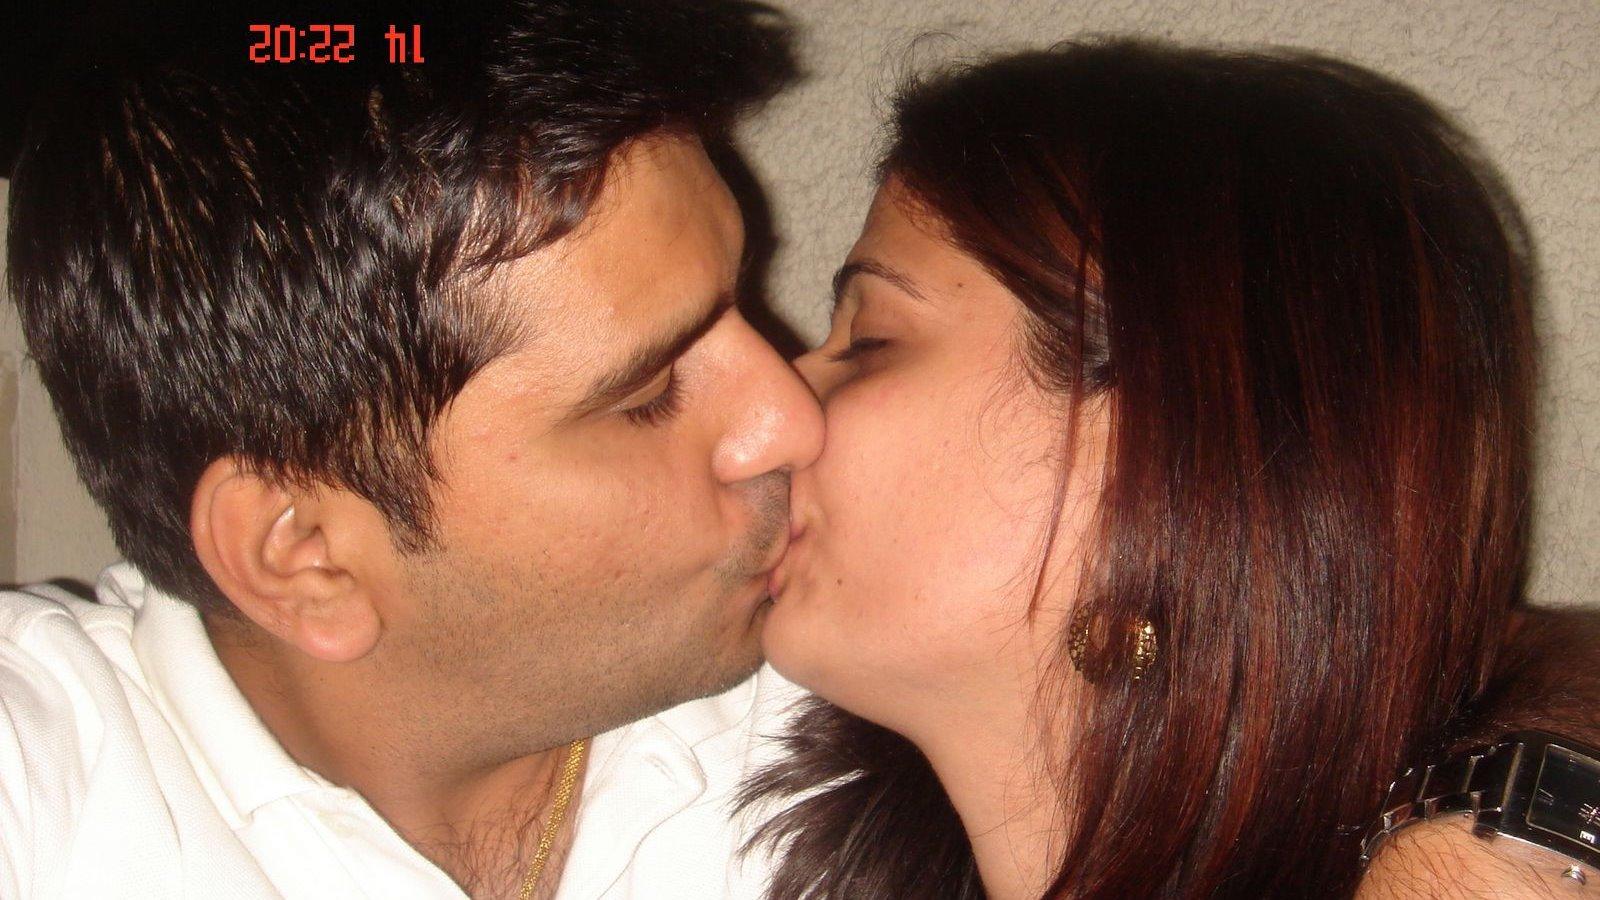 http://4.bp.blogspot.com/_X5dRUjVVJio/TB88LAAeBCI/AAAAAAAAB5o/i8hhtvgbgnY/s1600/desi+kiss+(2).jpg